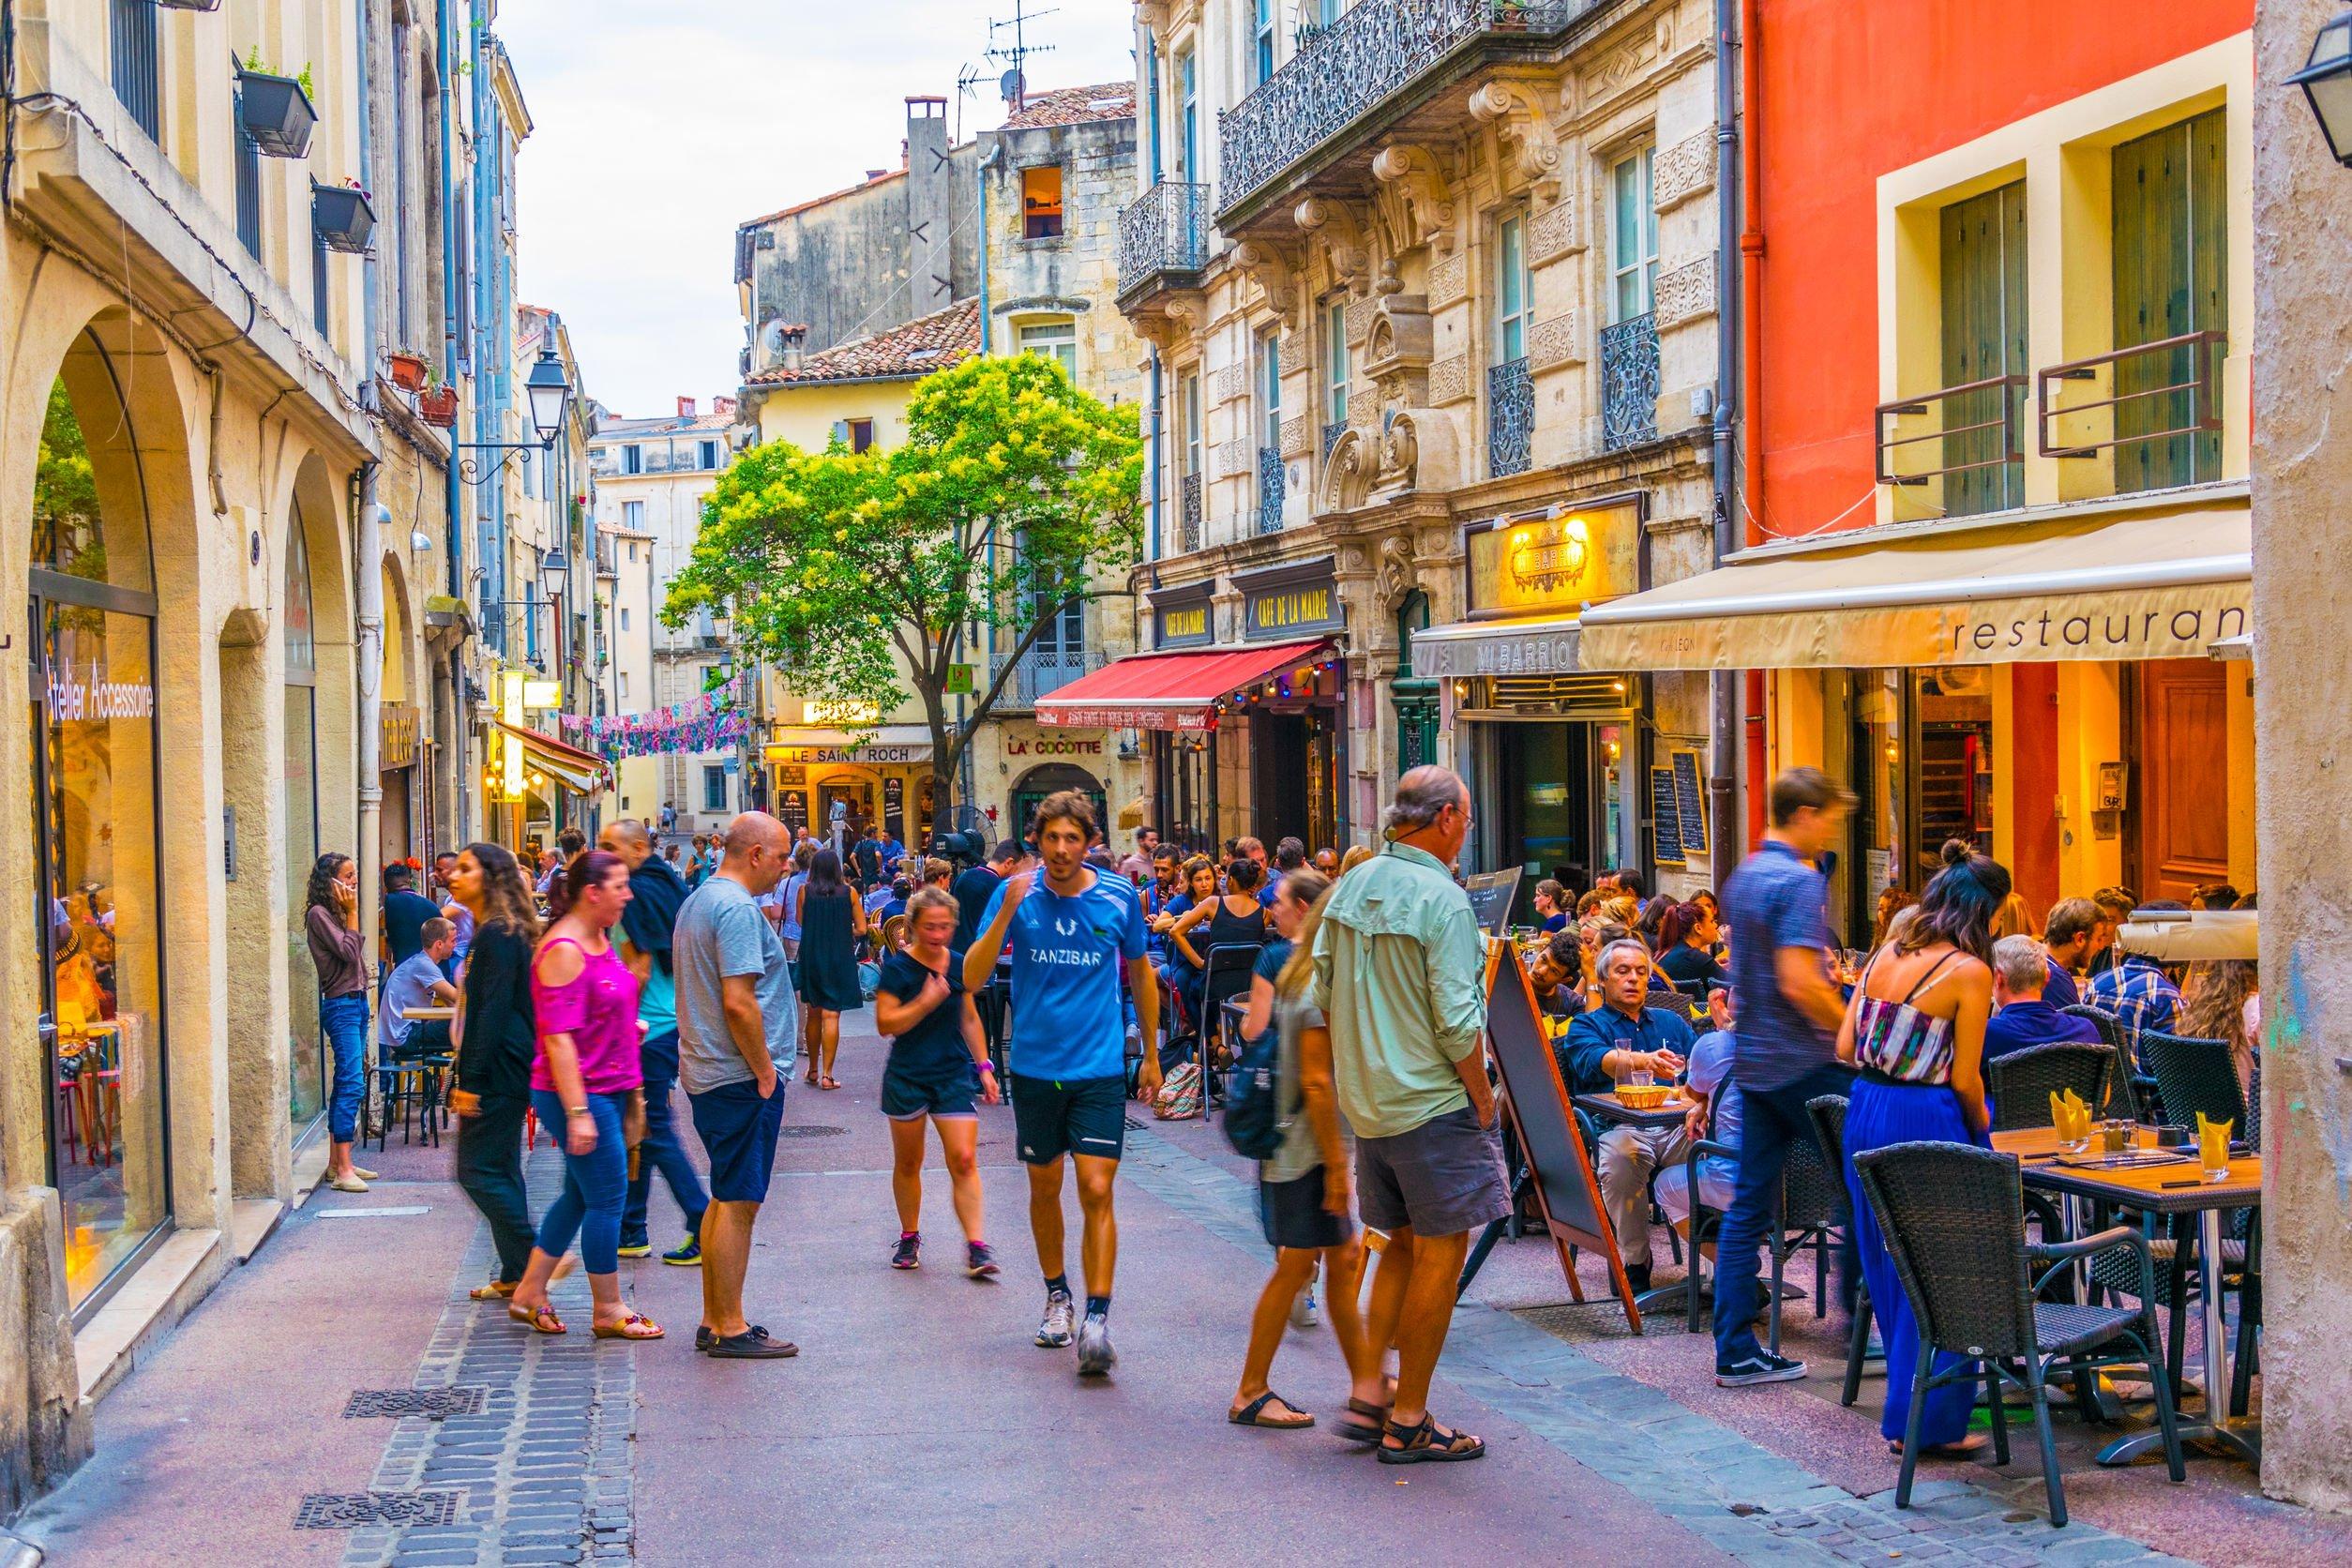 Où trouver des bons plans à Montpellier ?